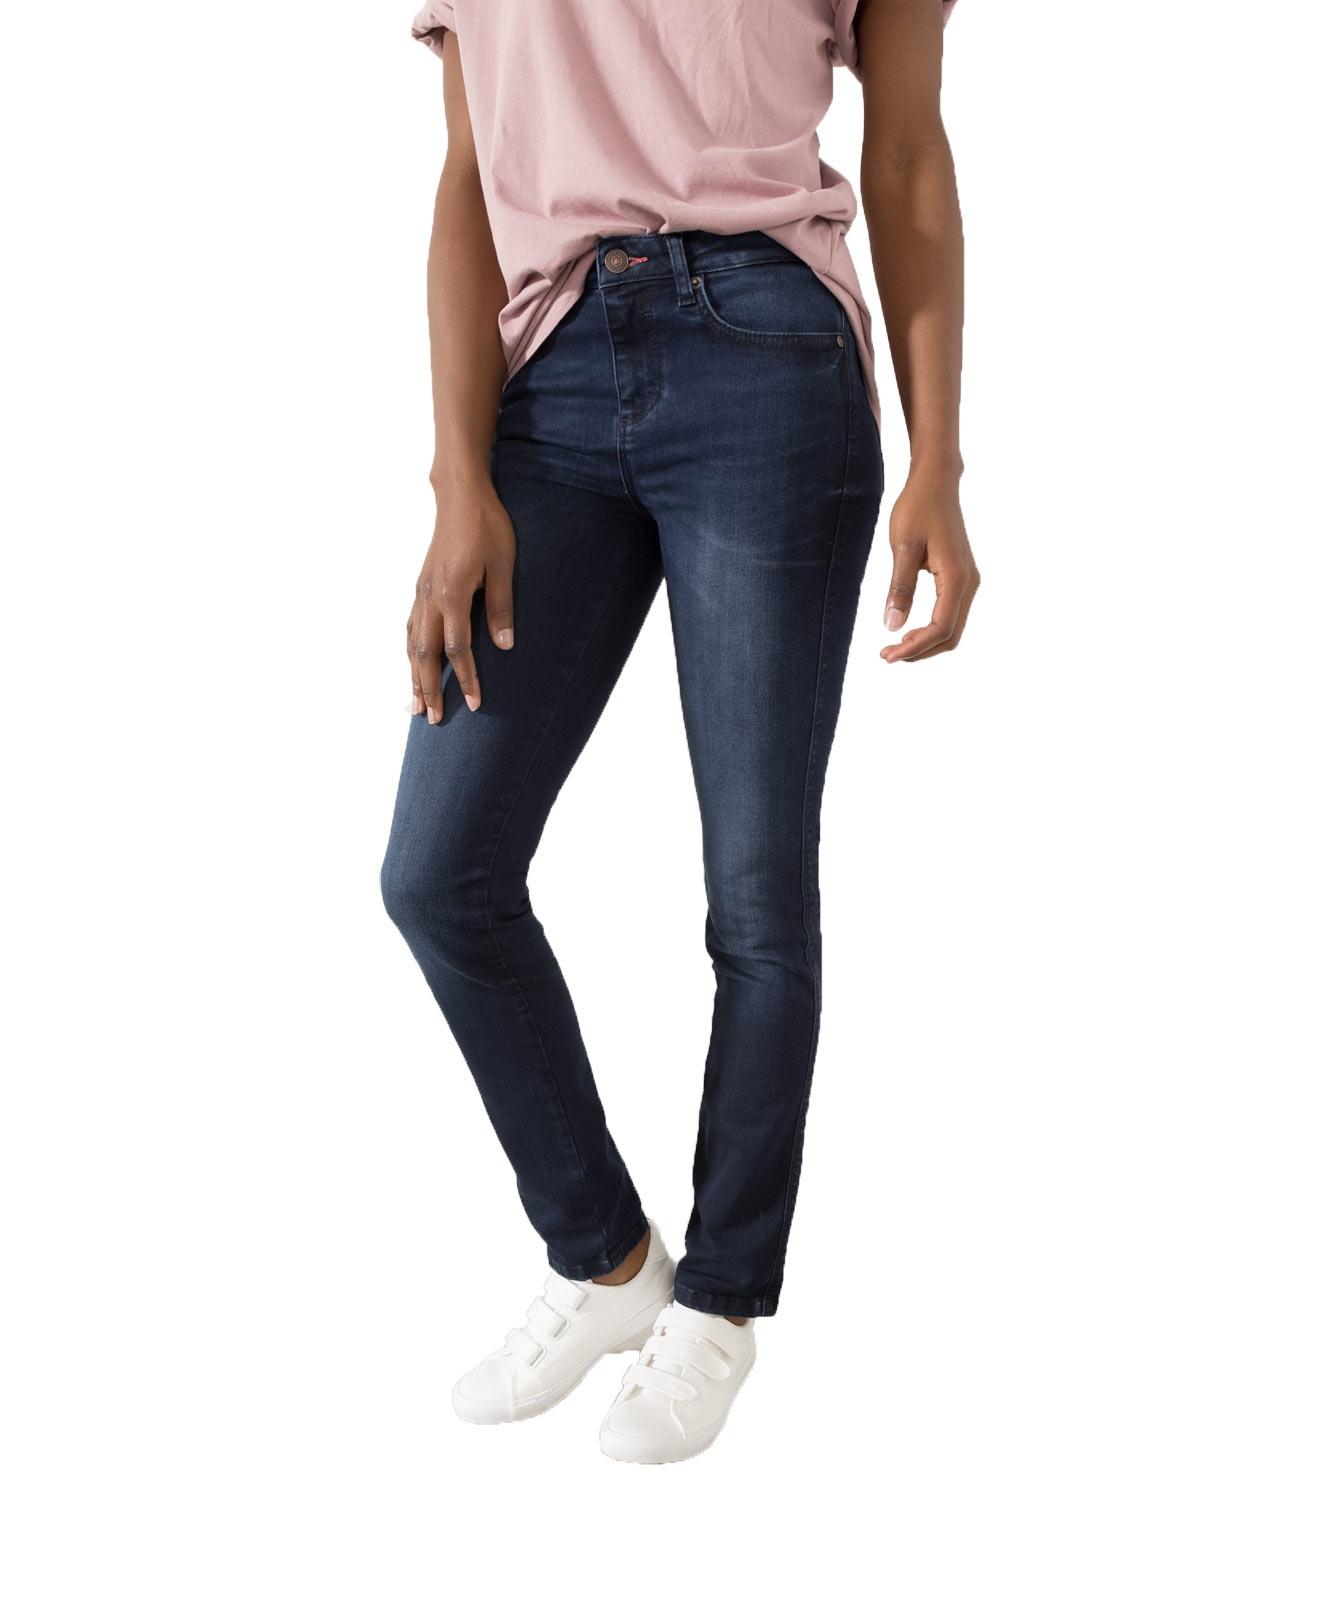 Hosen für Frauen - HIS MARYLIN Jeans Slim Fit Blue Black Wash  - Onlineshop Jeans Meile